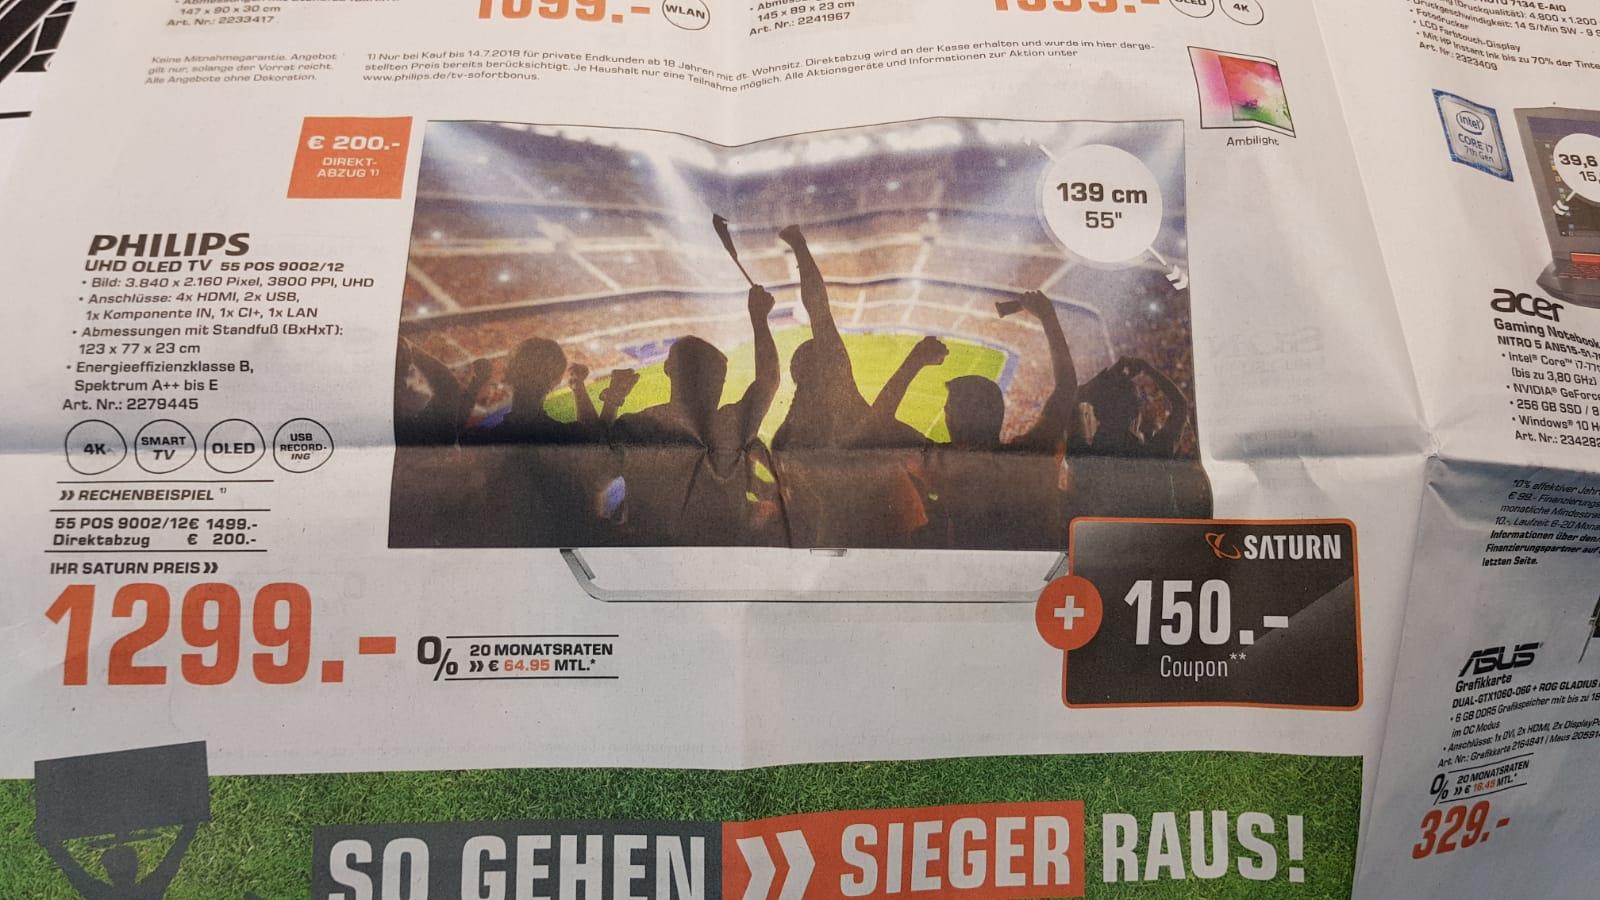 Philips 55POS9002 für 1299 € +150€ Goupon effektiv 1149€